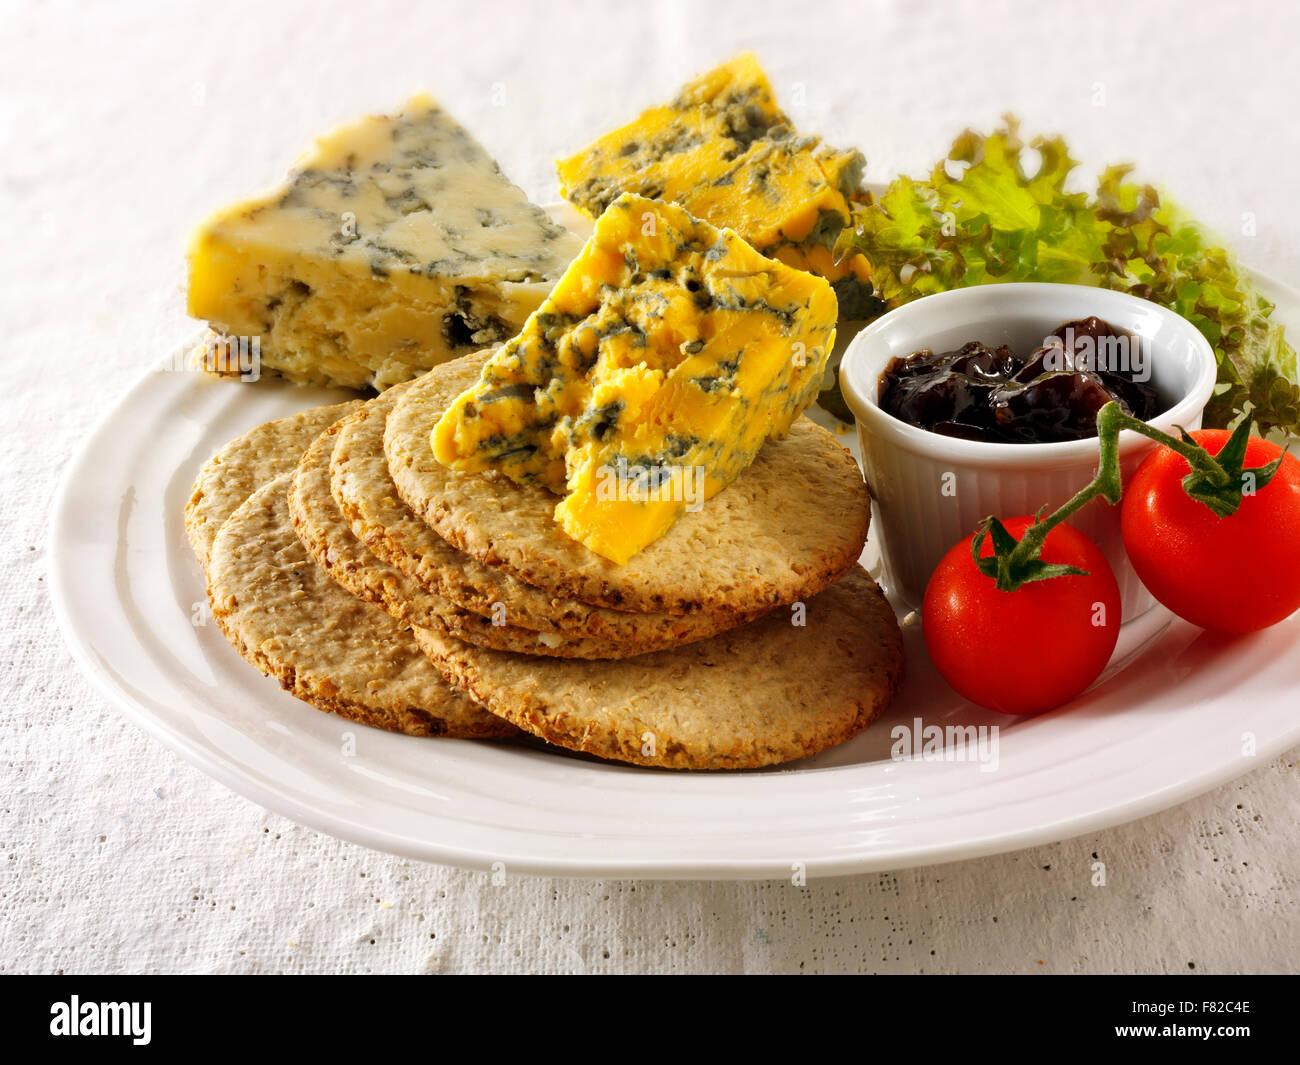 Fromage bleu & biscuits avec stilton stilton & blacksticks blanc, fromage. Servi sur un plateau Photo Stock